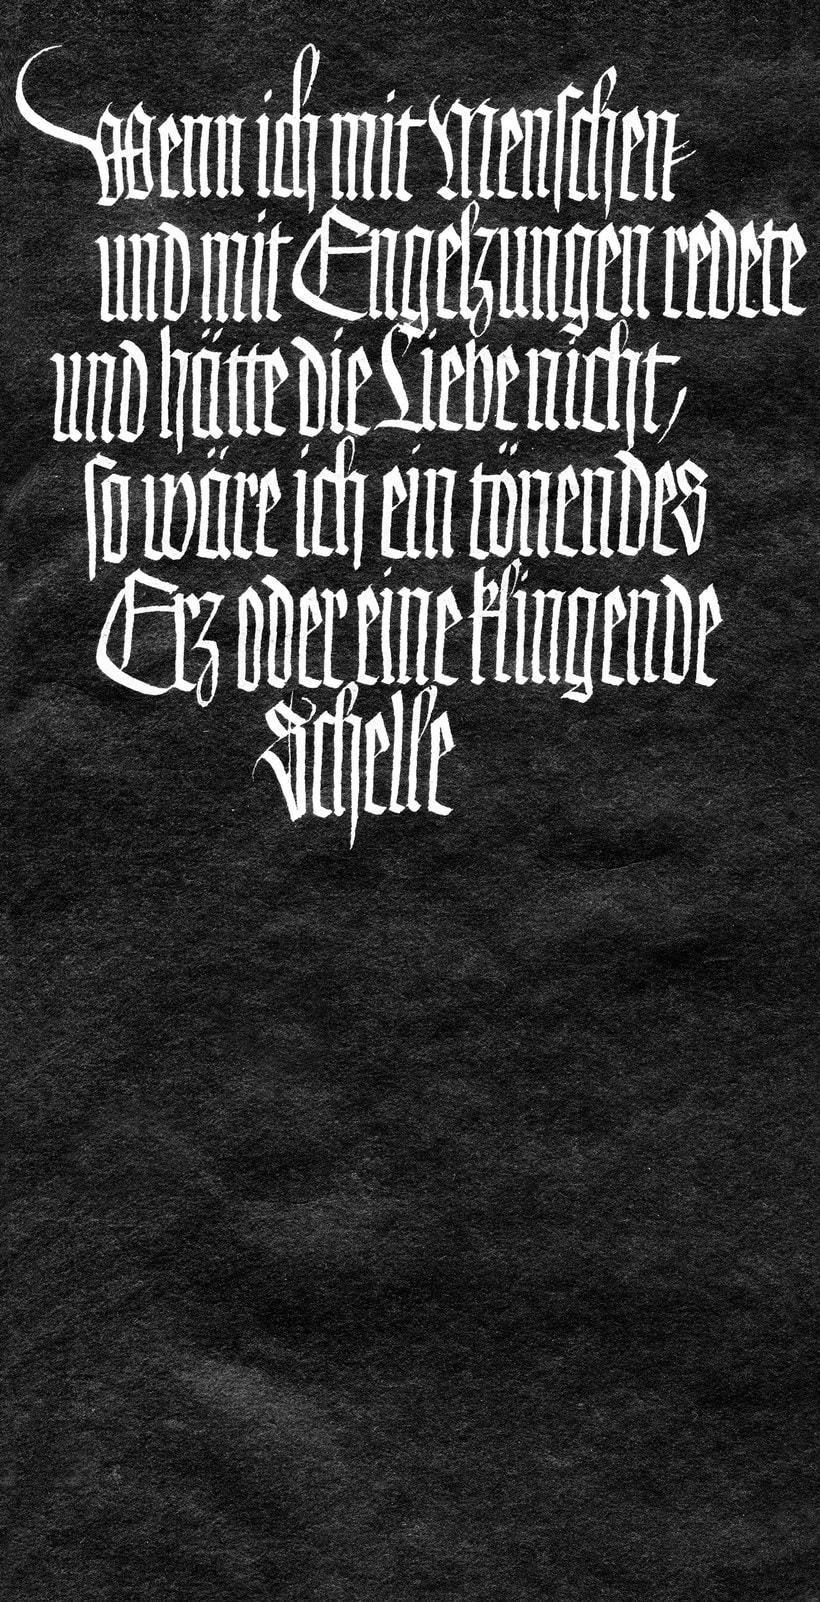 Caligrafiando con góticas potentes con Oriol Miró 15